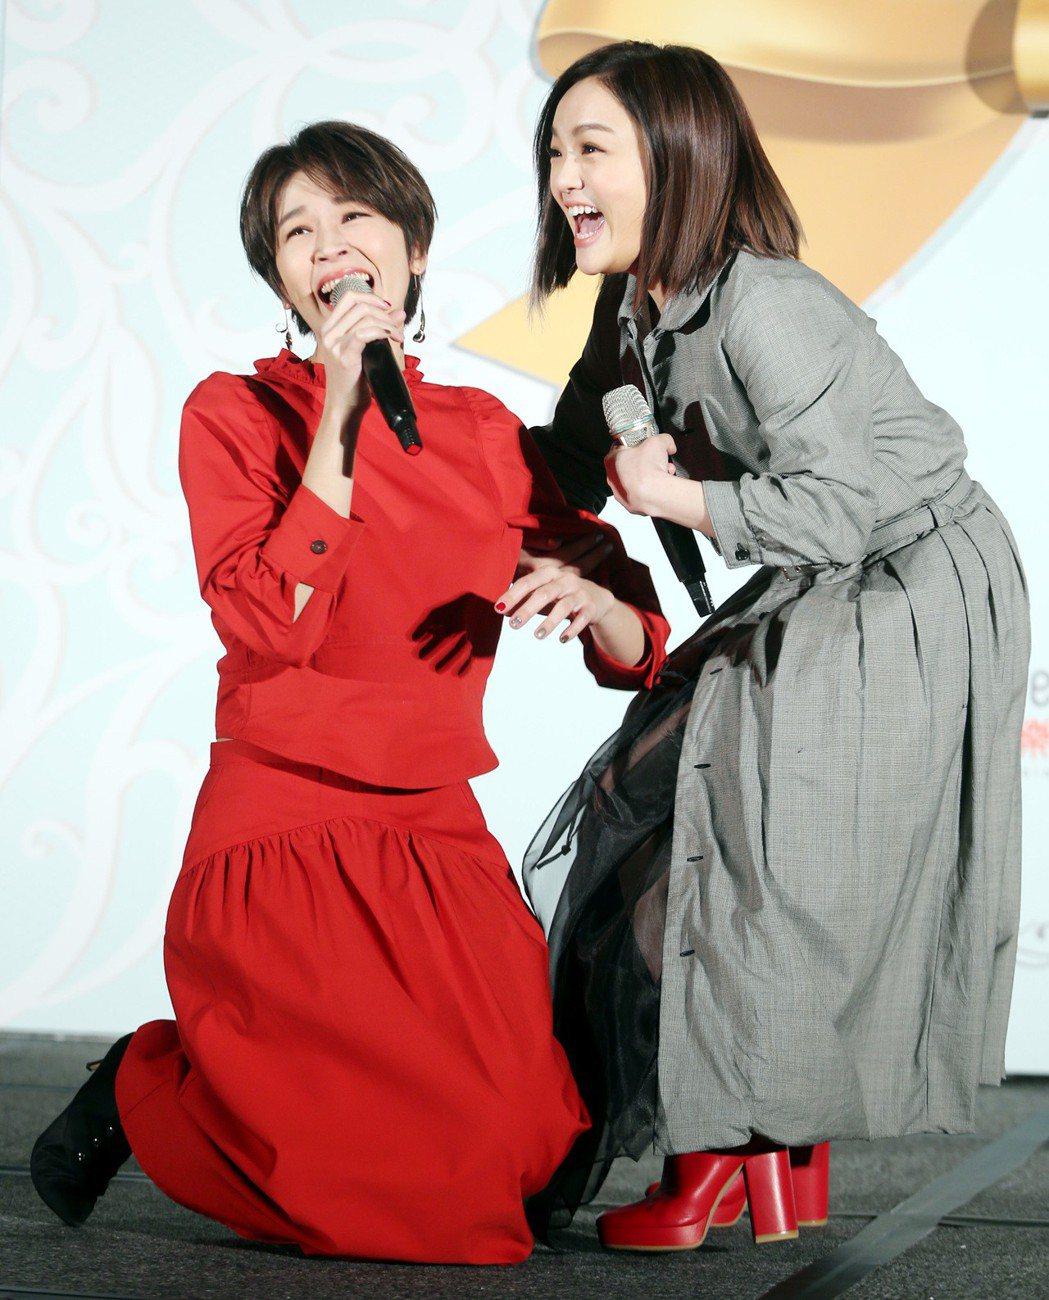 曾沛慈(左)簽約新東家,師姐徐佳瑩(右)站台祝福,兩人並上演「看到女神腿軟」戲碼...